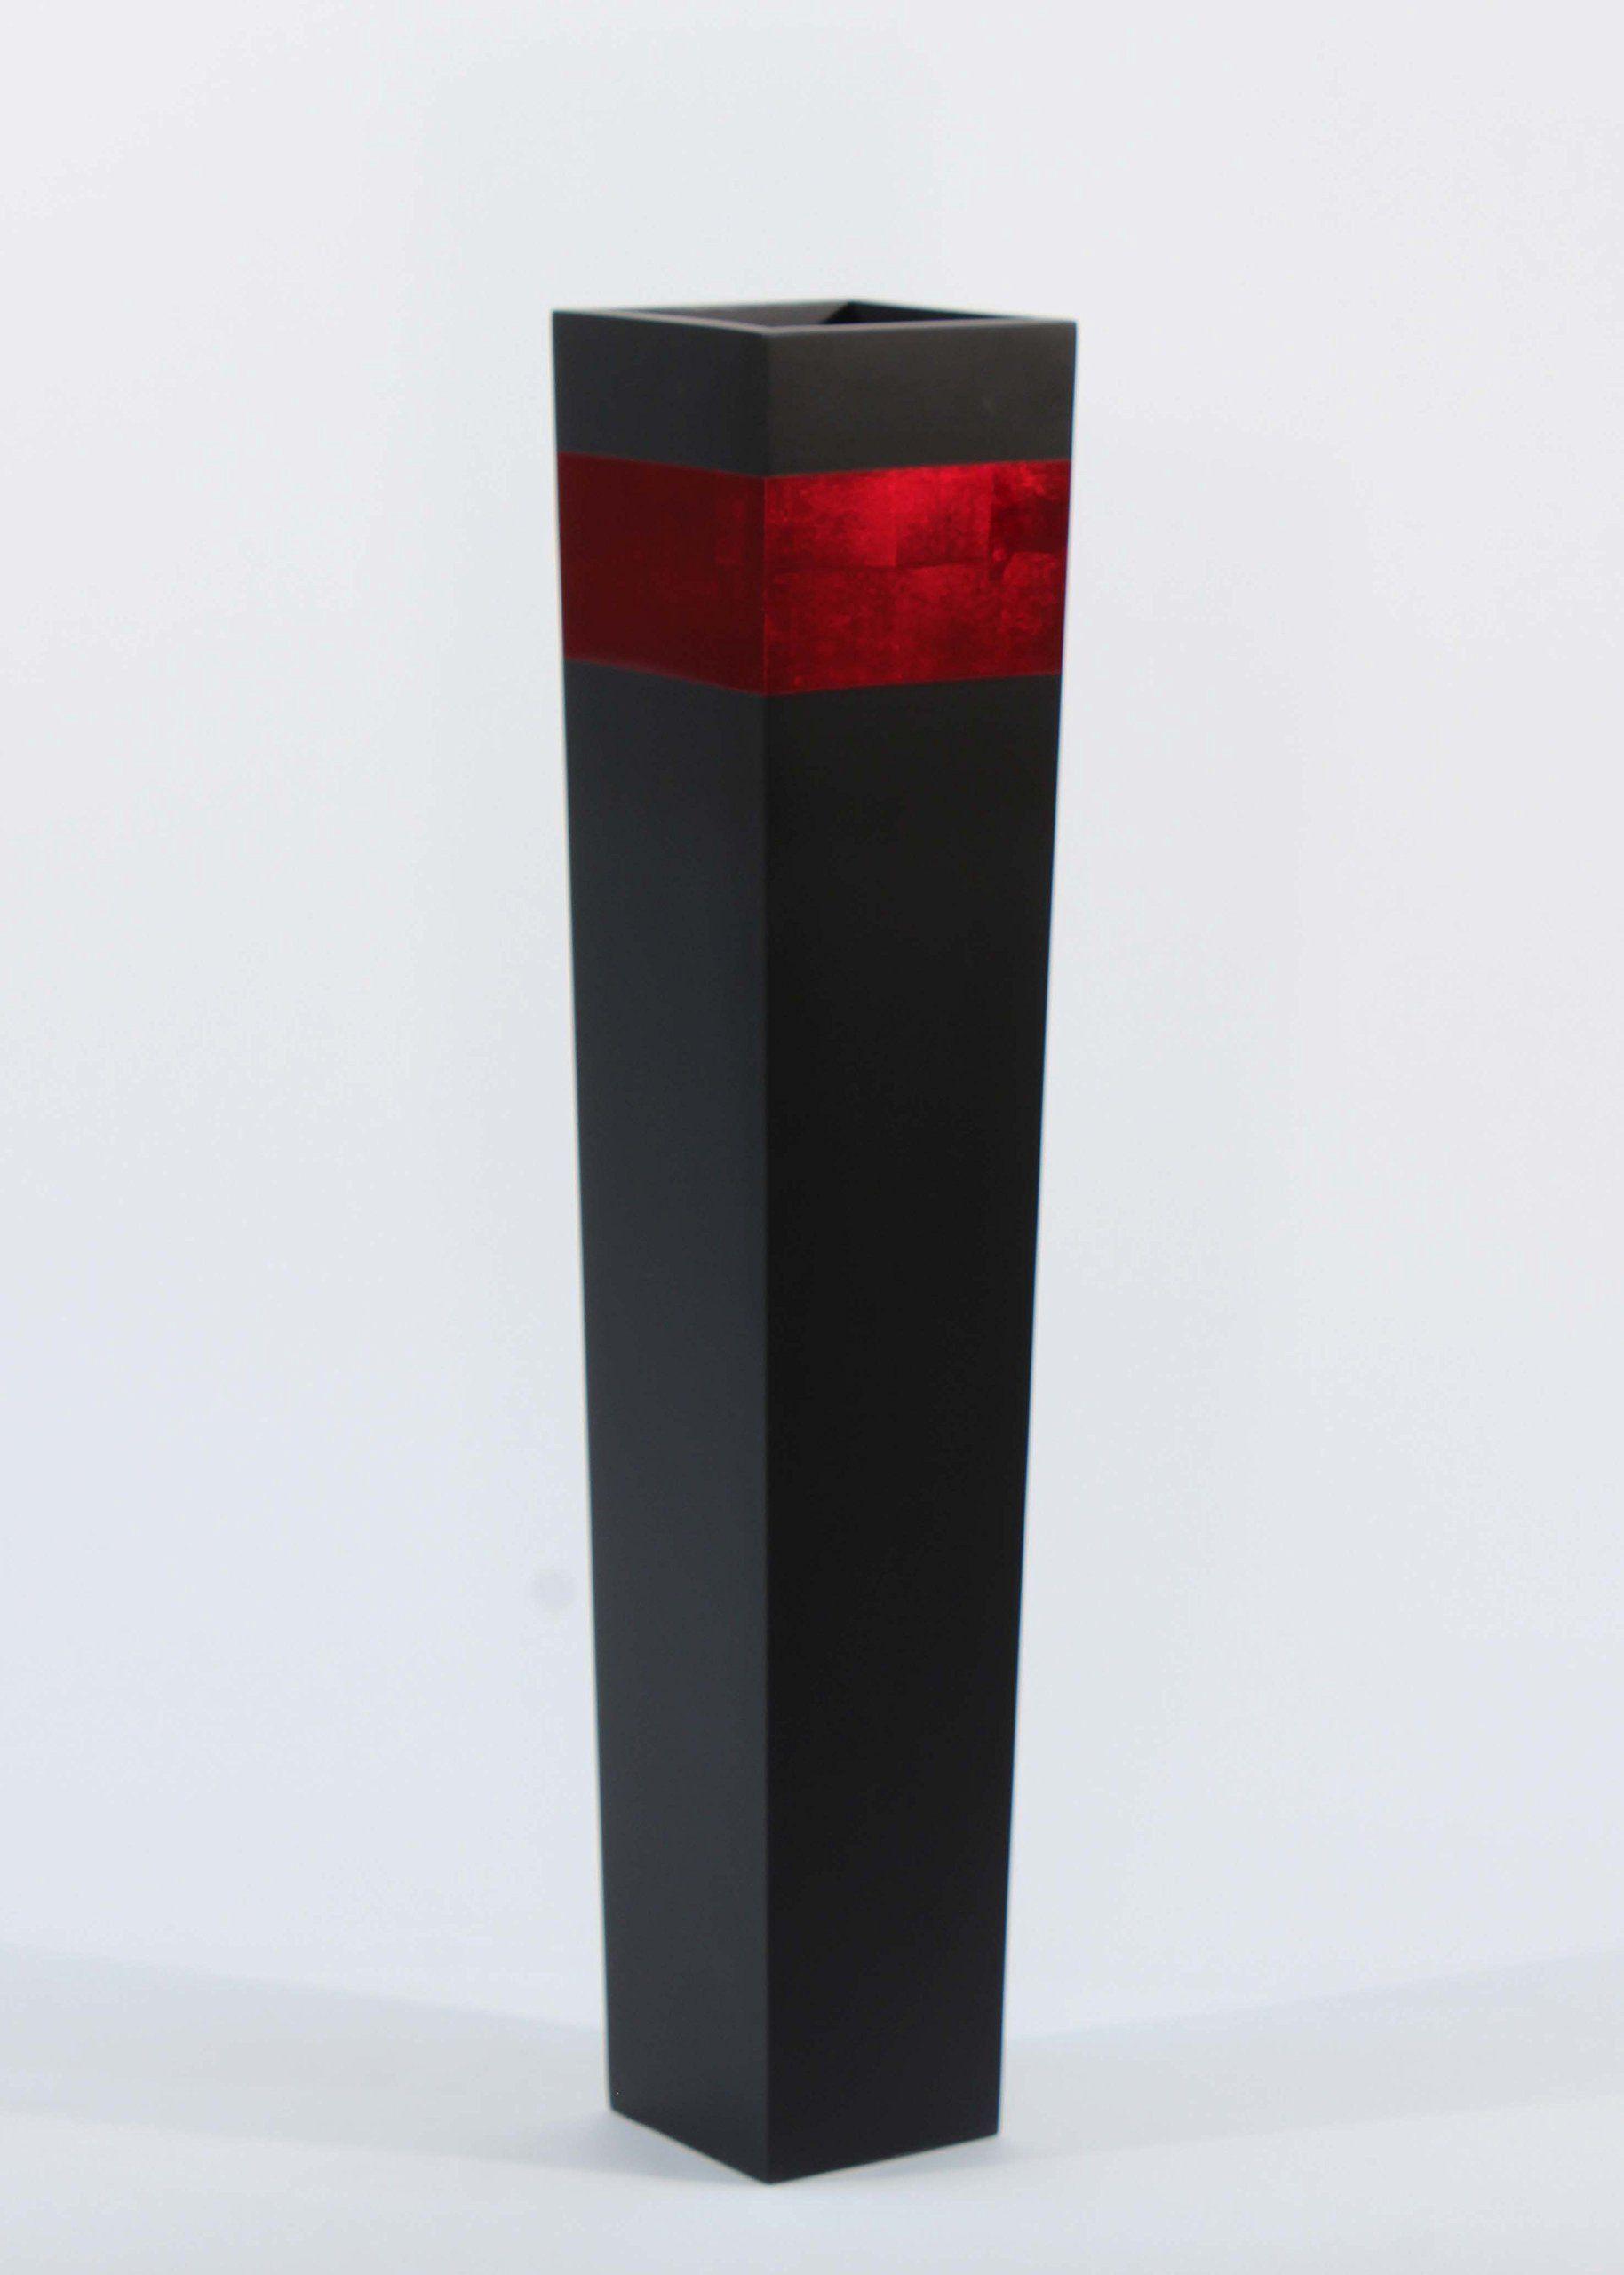 Greenfloralcrafts 27 Slender Tapered Tall Black Floor Vase Red